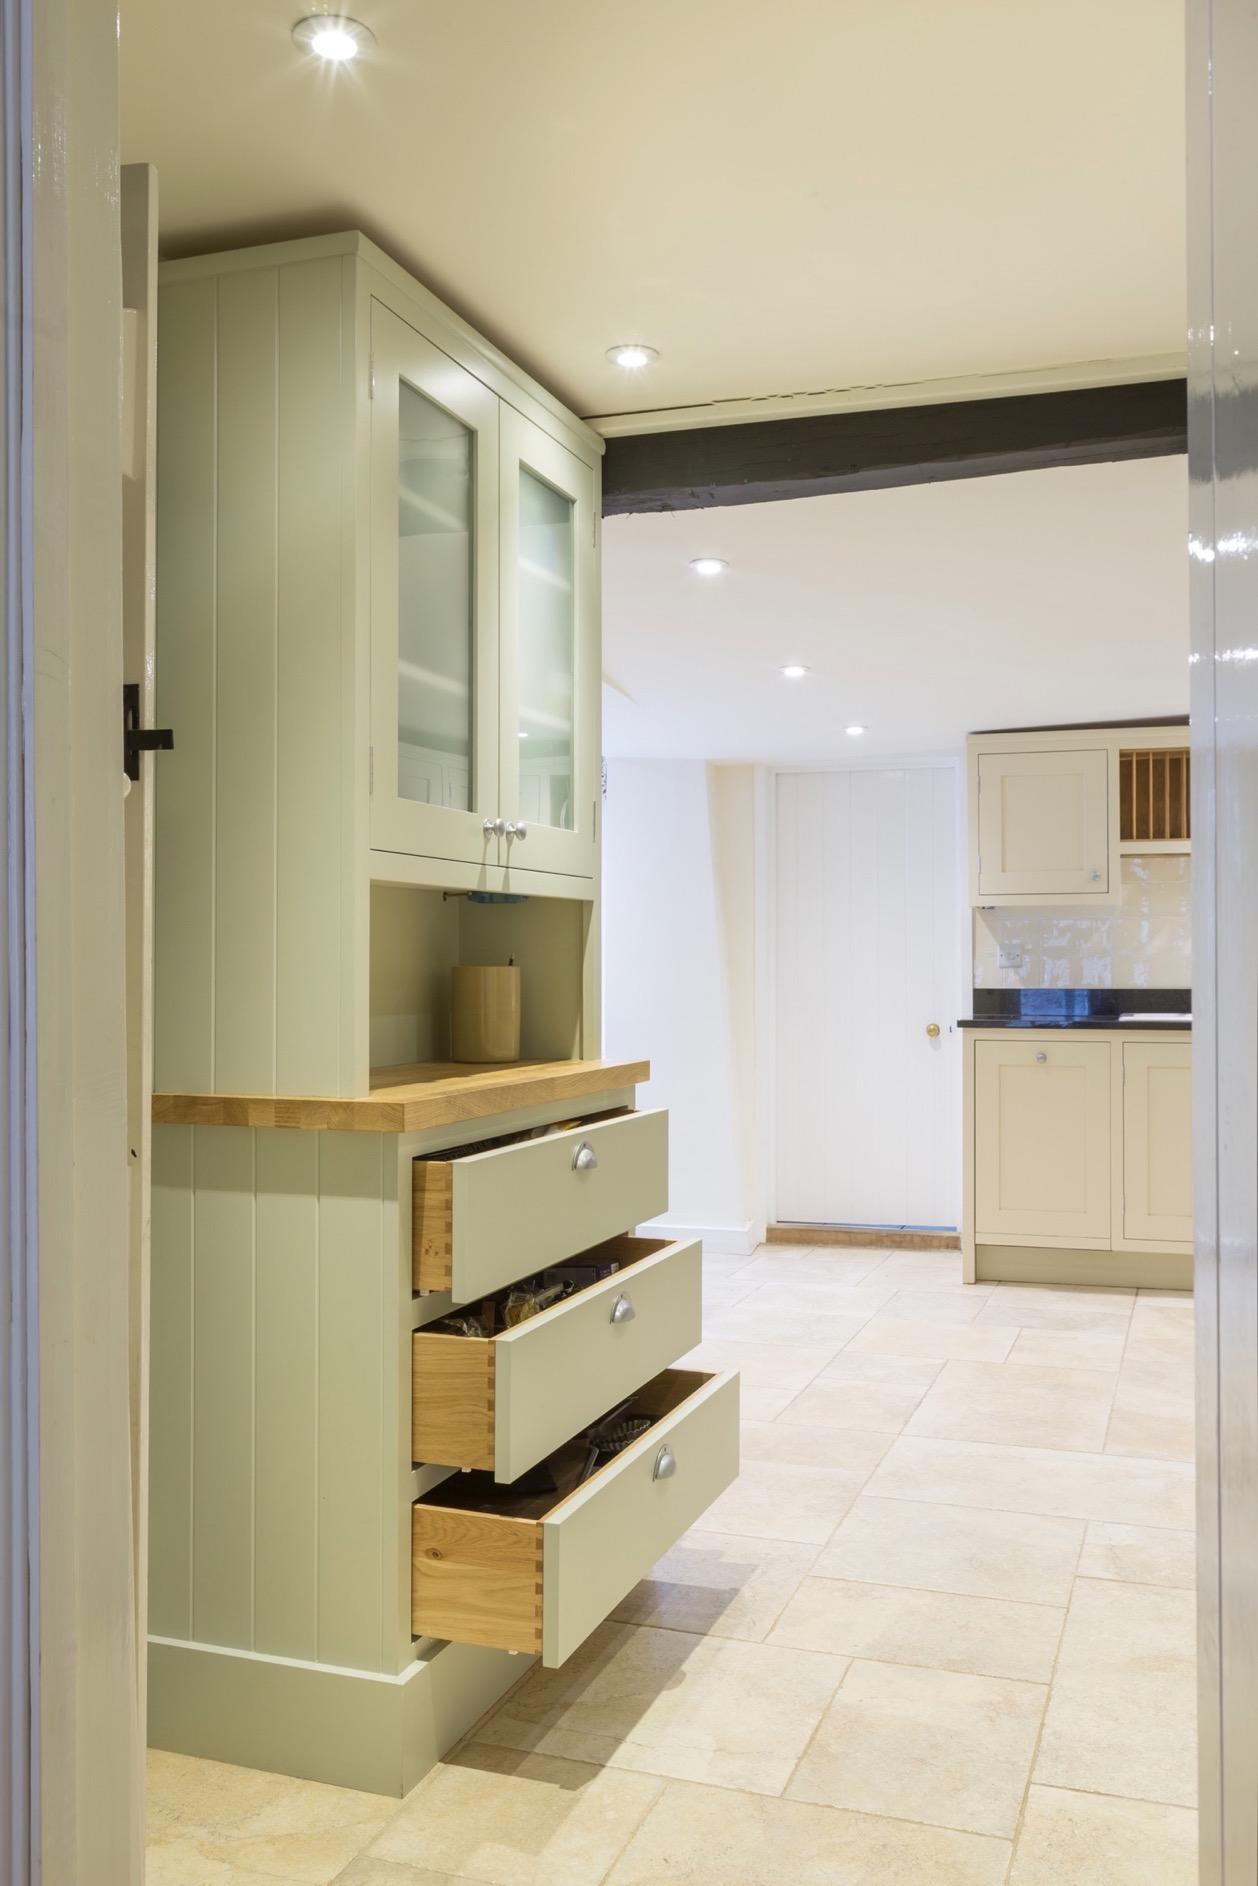 Handpainted dresser with oak drawers and glass doors amersham bucks 2 2